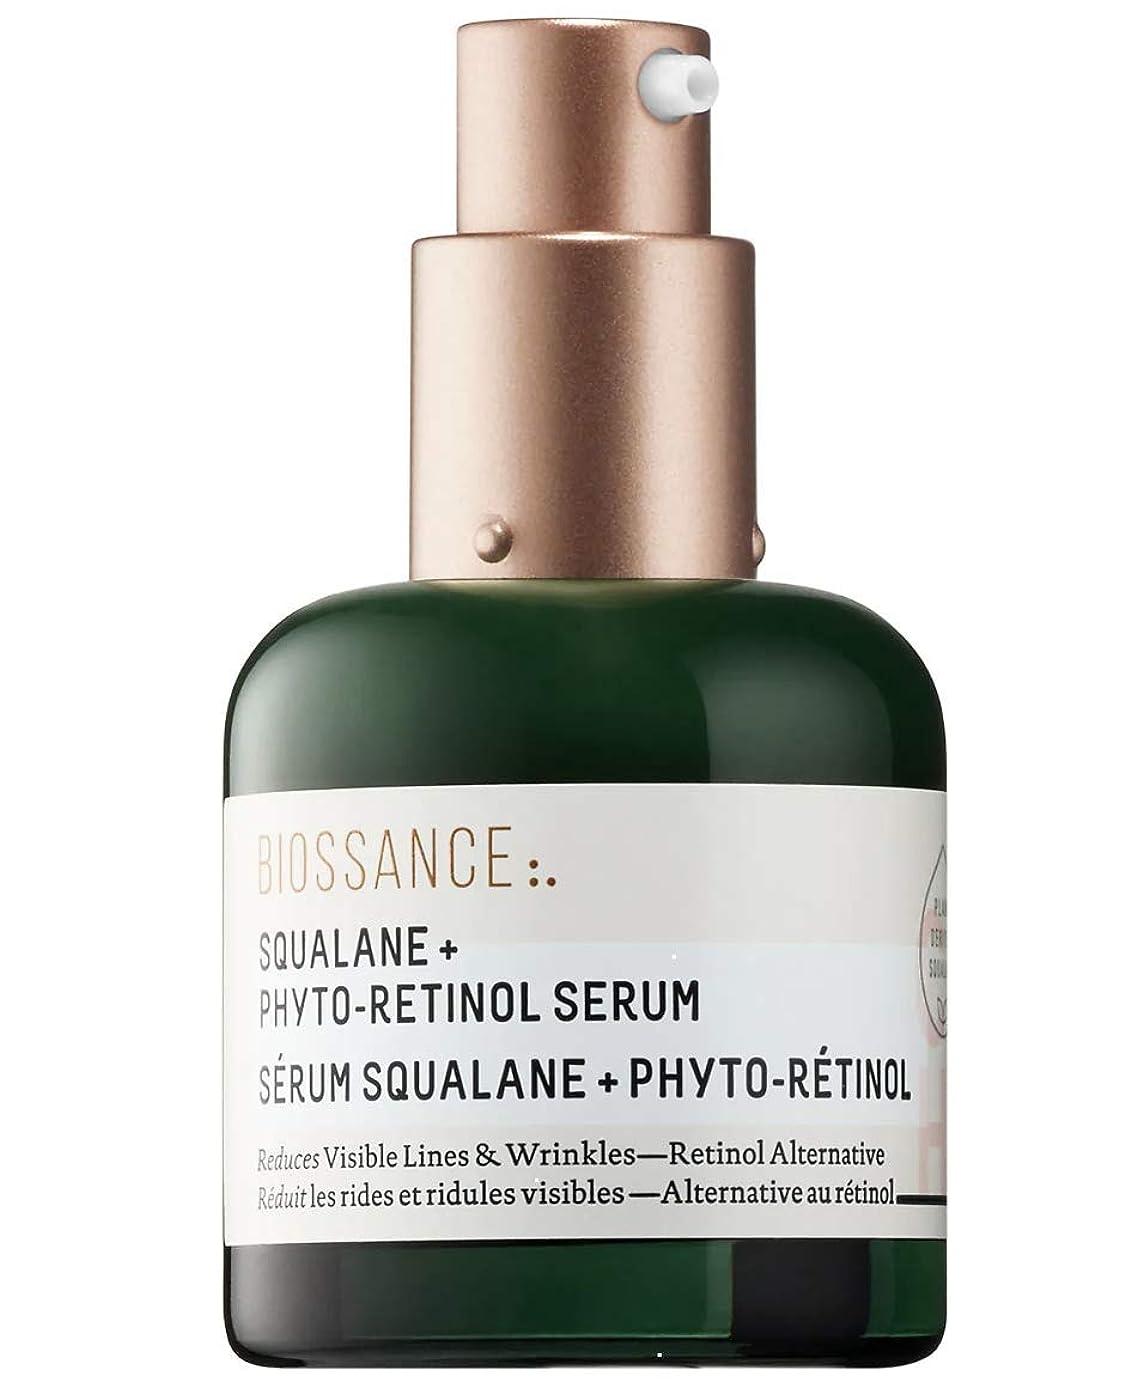 誇りに思う風味判読できないBiossance Squalane + Phyto-Retinol Serum 30ml